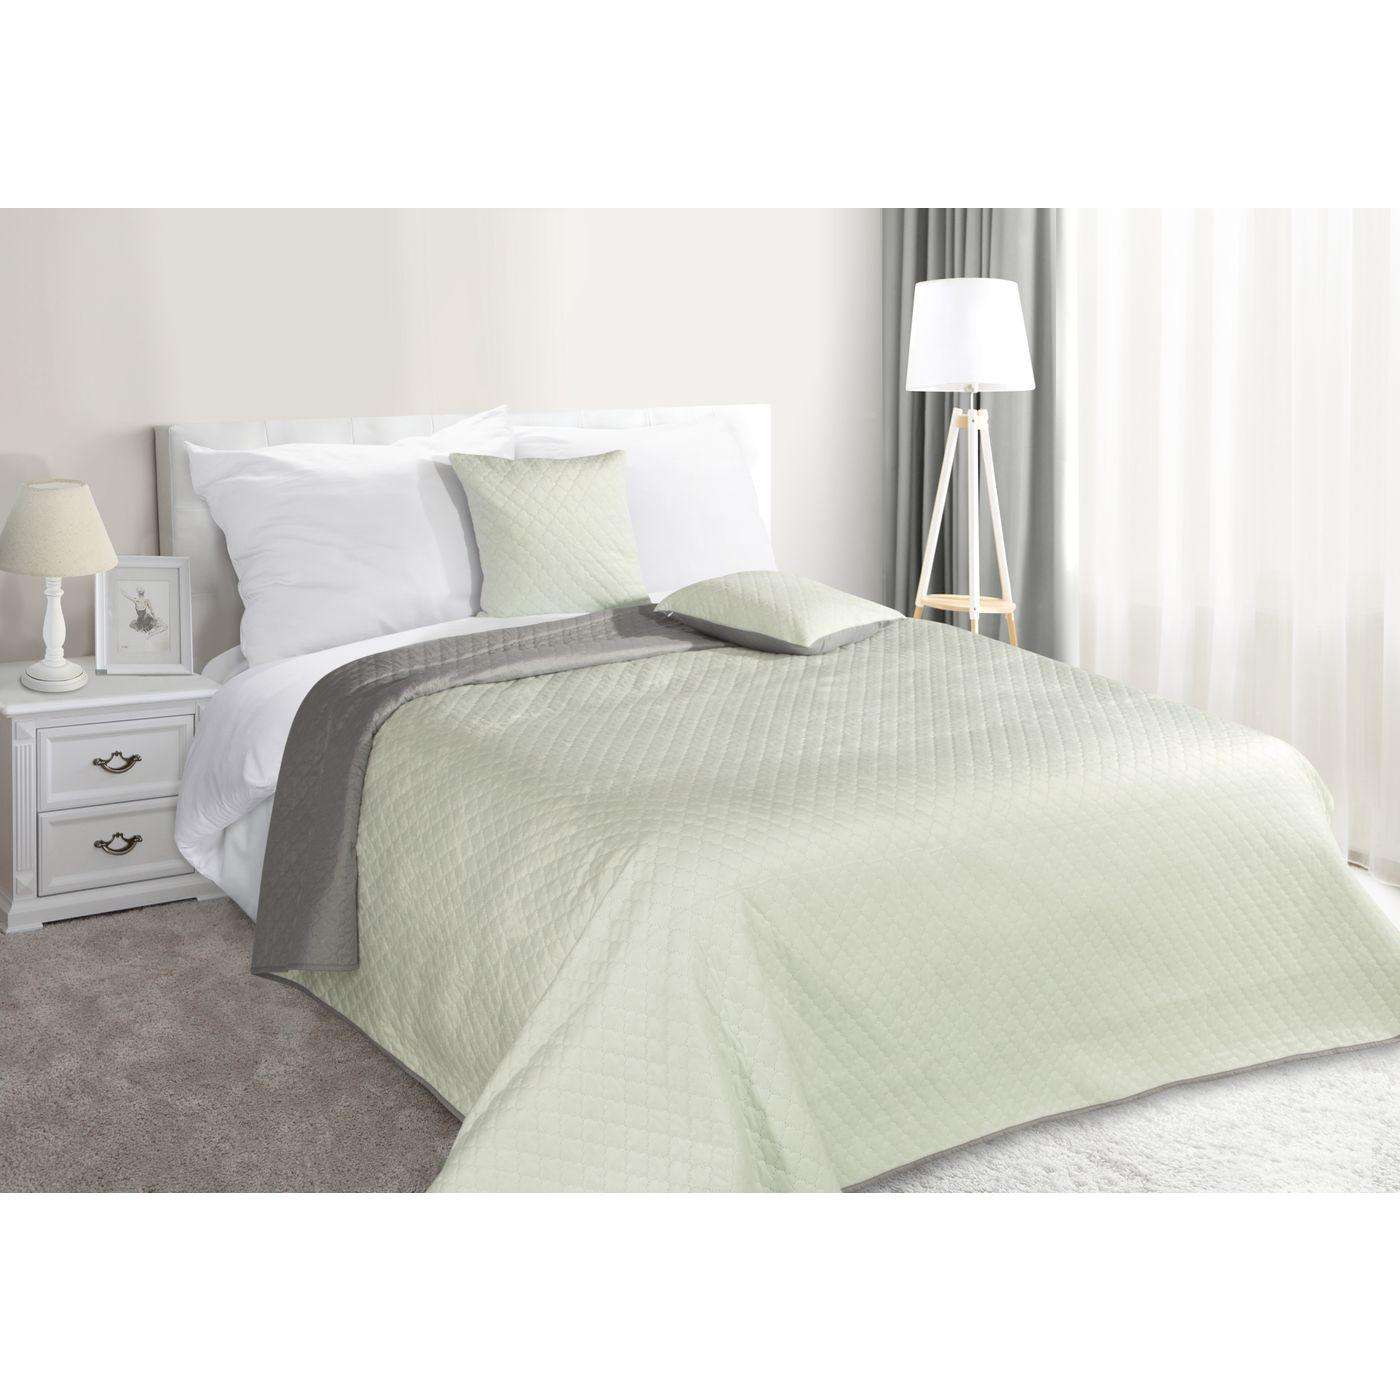 Narzuta na łóżko dwustronna marokańska koniczyna 220x240 cm miętowo-szara